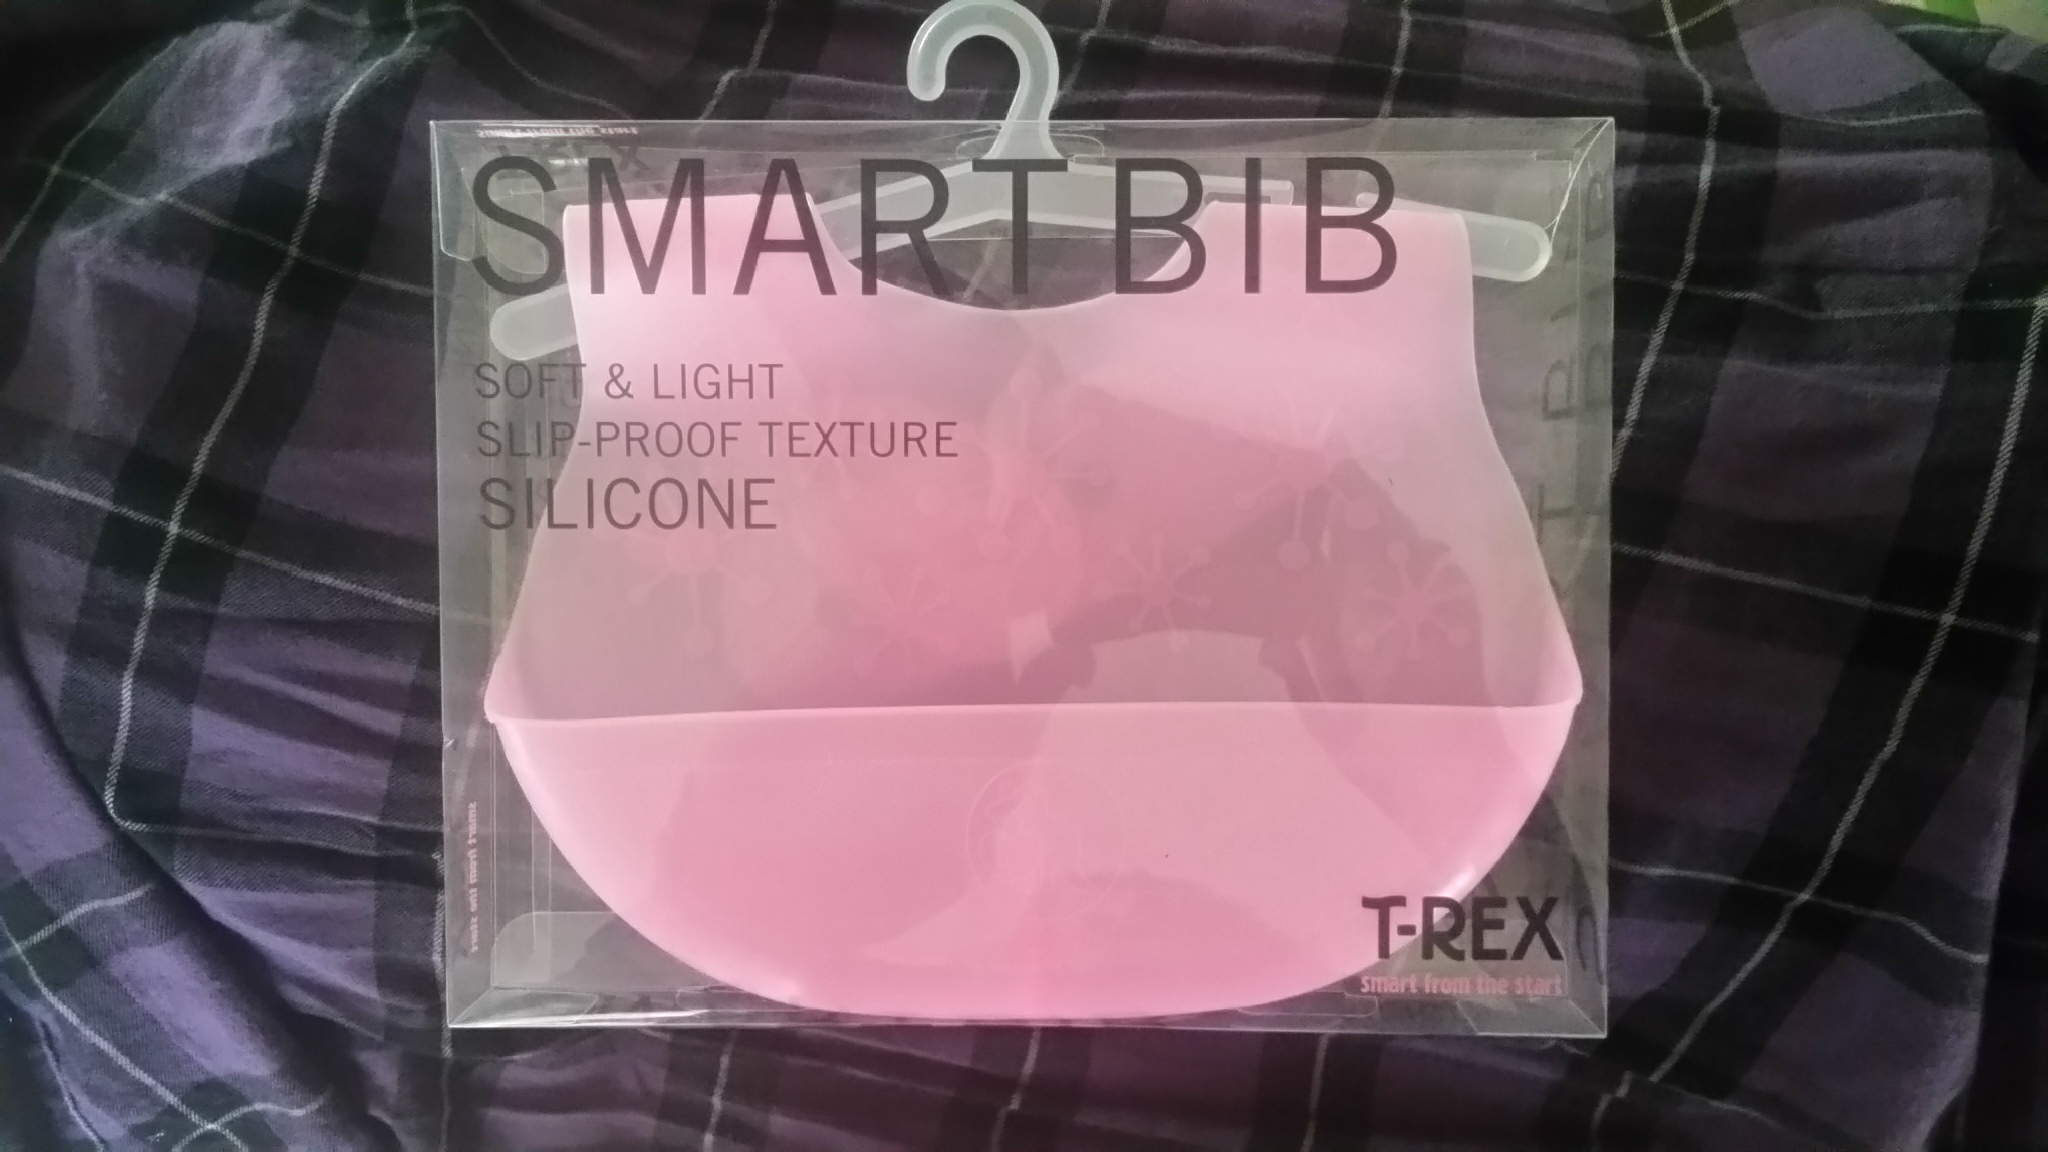 T-Rex Smart Bib